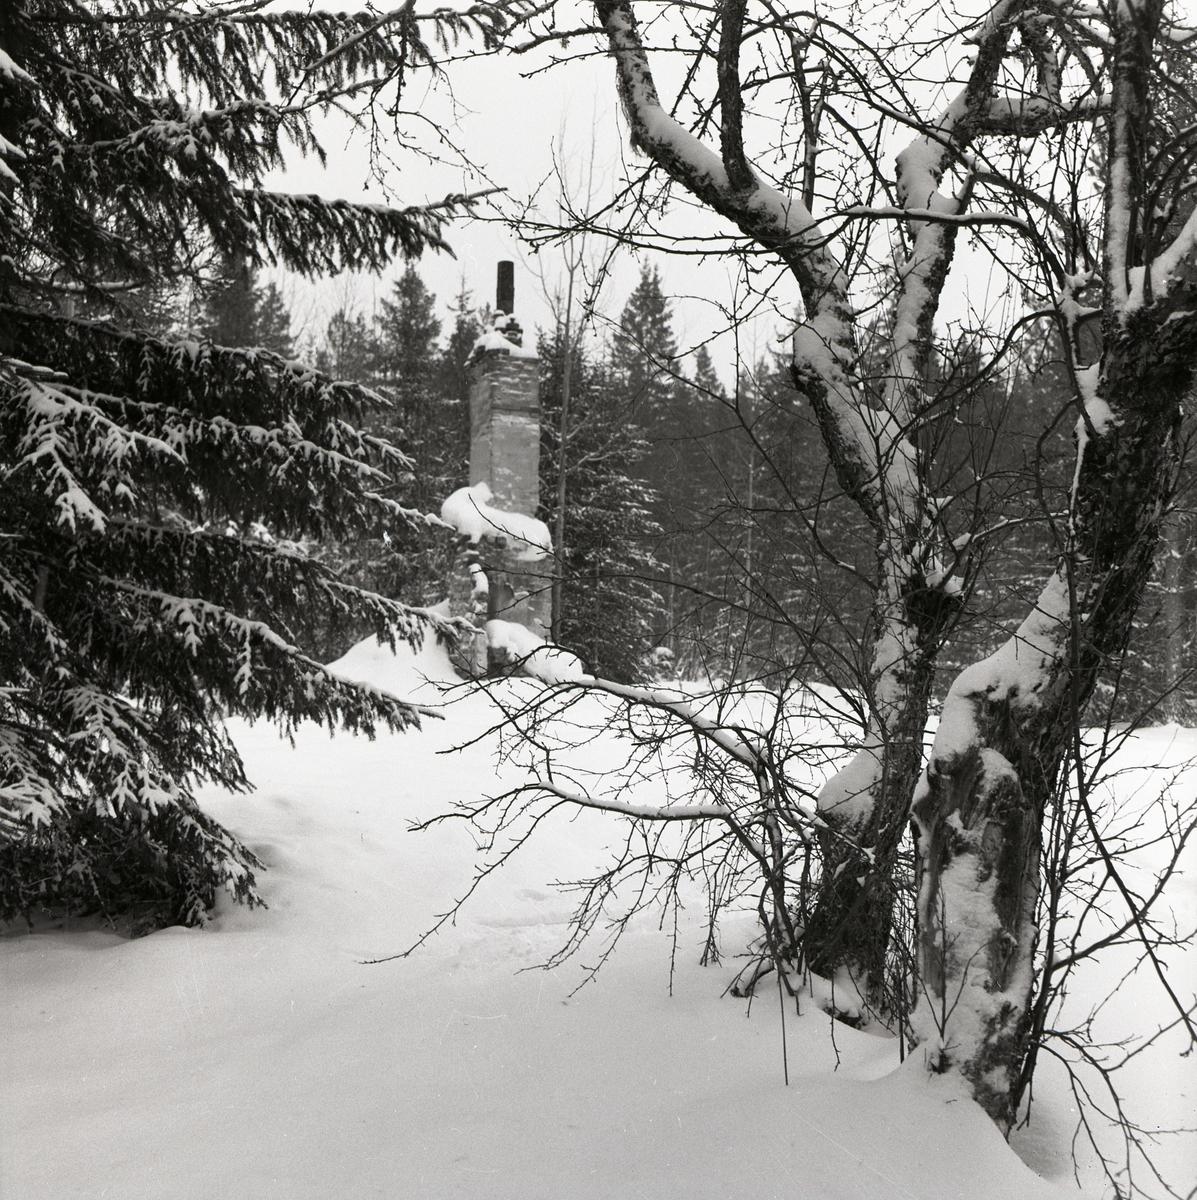 Snötäckt ruin i skogen den 10 januari 1960.